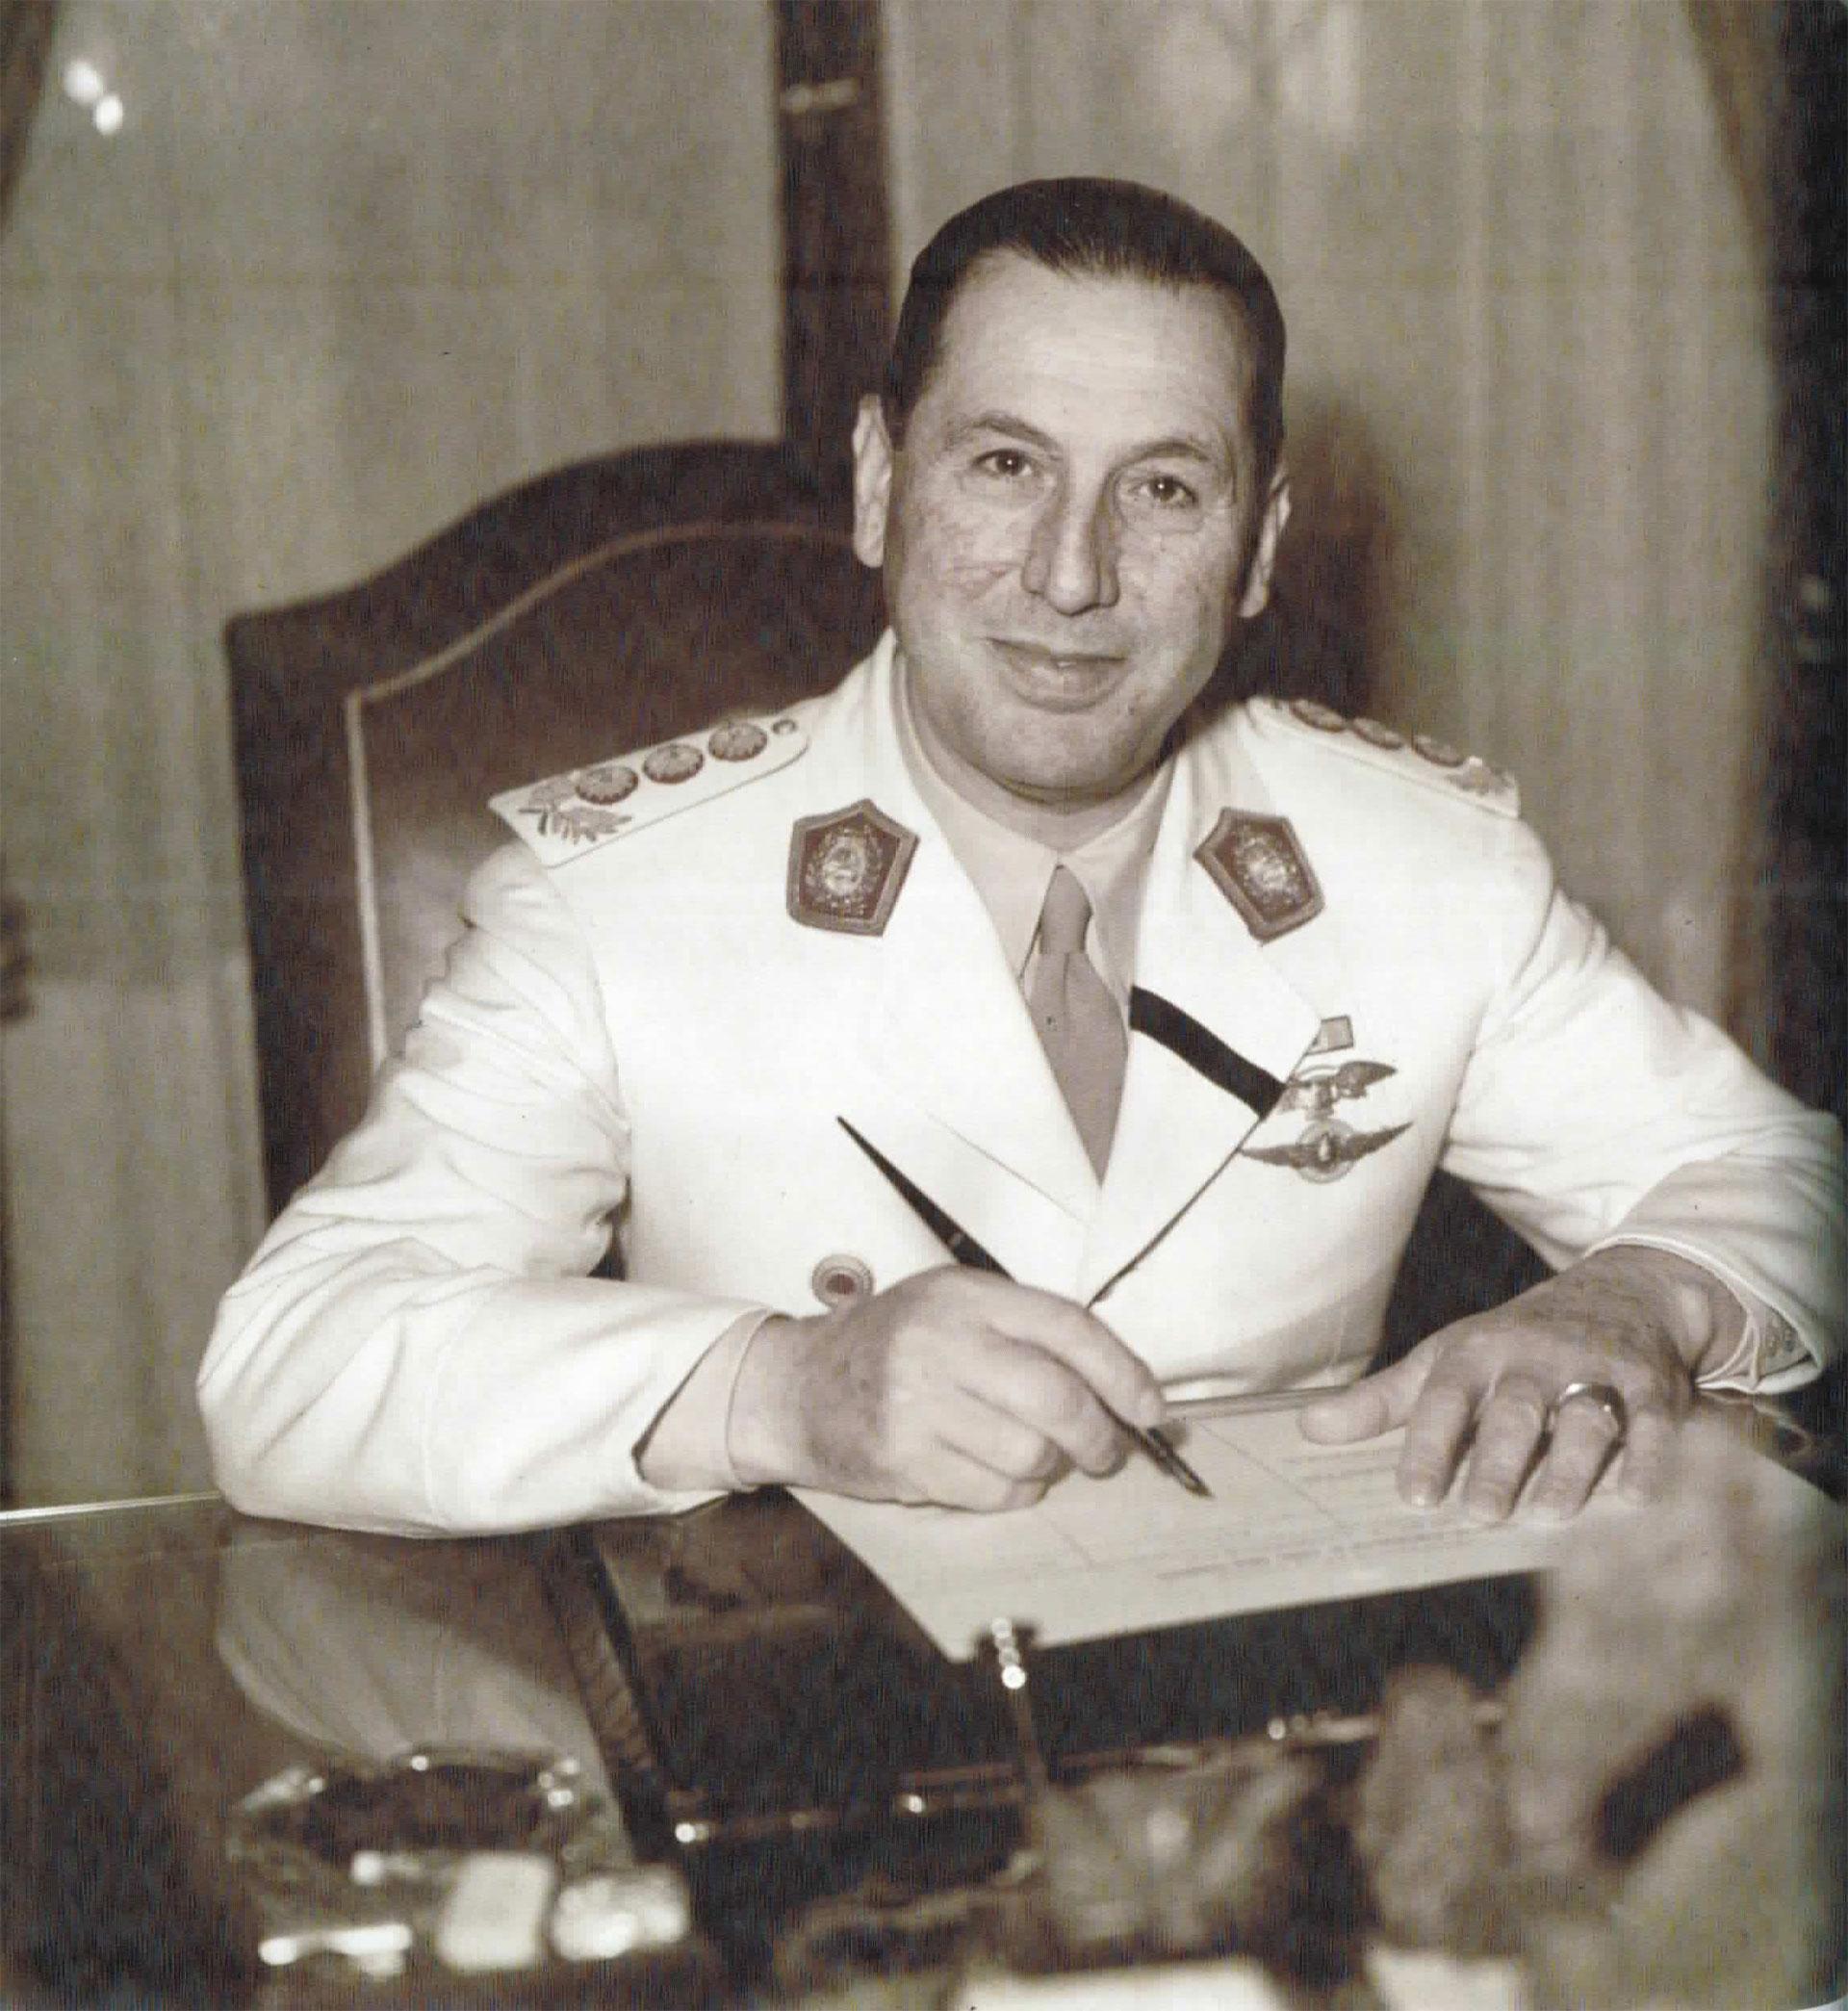 Perón posa para la cámara de Fusco, lapicera en mano. En su solapa, la banda negra cruzada que indica el luto por su esposa